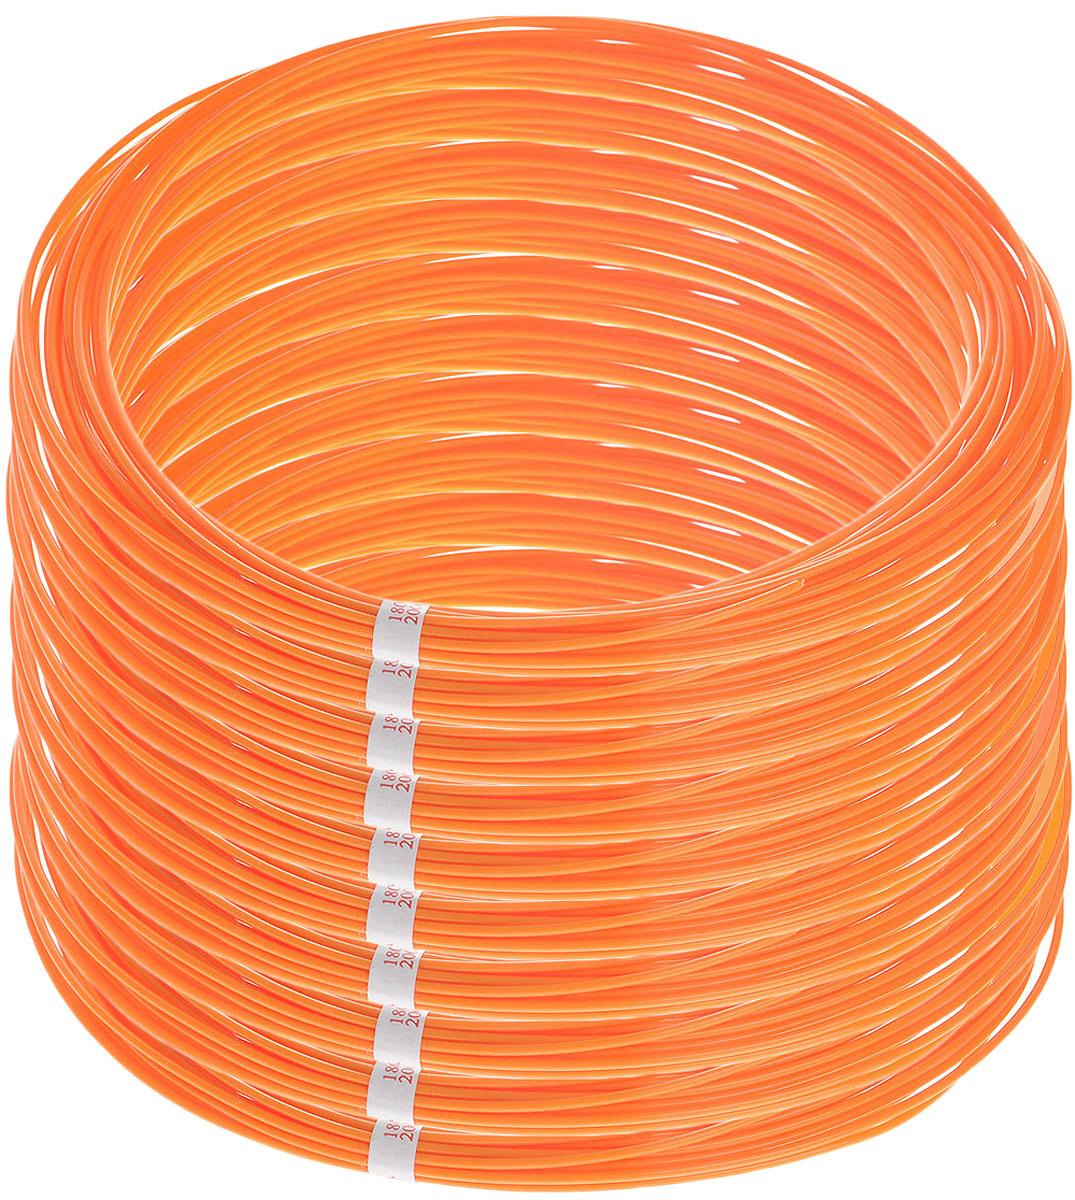 Spider Box пластик PLA, Orange 100 м2990000002150Набор пластика Spider Box PLA - это расходный материал, используя который вы сможете делать мыслимые и немыслимые вещи, подсказанные вашим воображением.Пластик PLA может принимать много разных полимерных форм, ему можно придавать множество самых различных свойств. Его пластичность позволяет легко создавать элементы различных соединений и крепежа.Материал легко шлифуется и обрабатывается. Важно отметить, что пластик PLA создается из самых разнообразных продуктов сельского хозяйства - кукурузы, картофеля, сахарной свеклы и т.п. - и считается более экологичным, чем ABS, в основе которого лежит нефть.При плавлении не выделяет едких запахов.